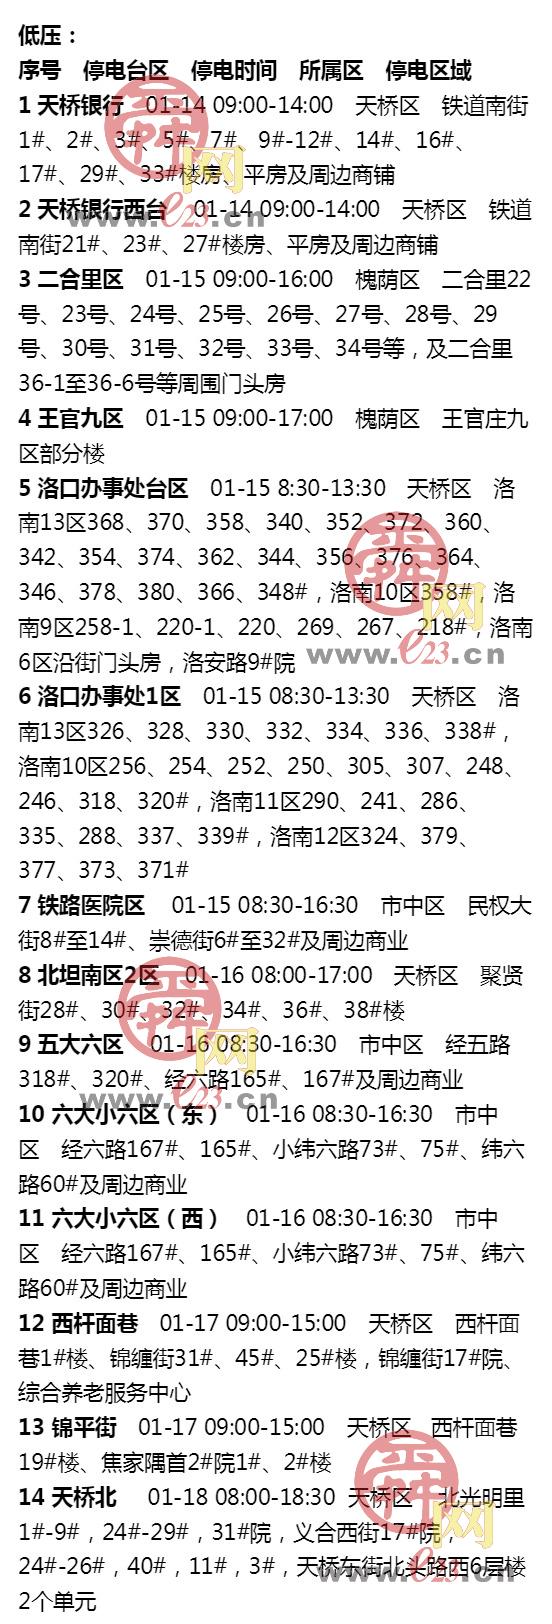 1月12日至1月18日济南部分区域电力设备检修通知